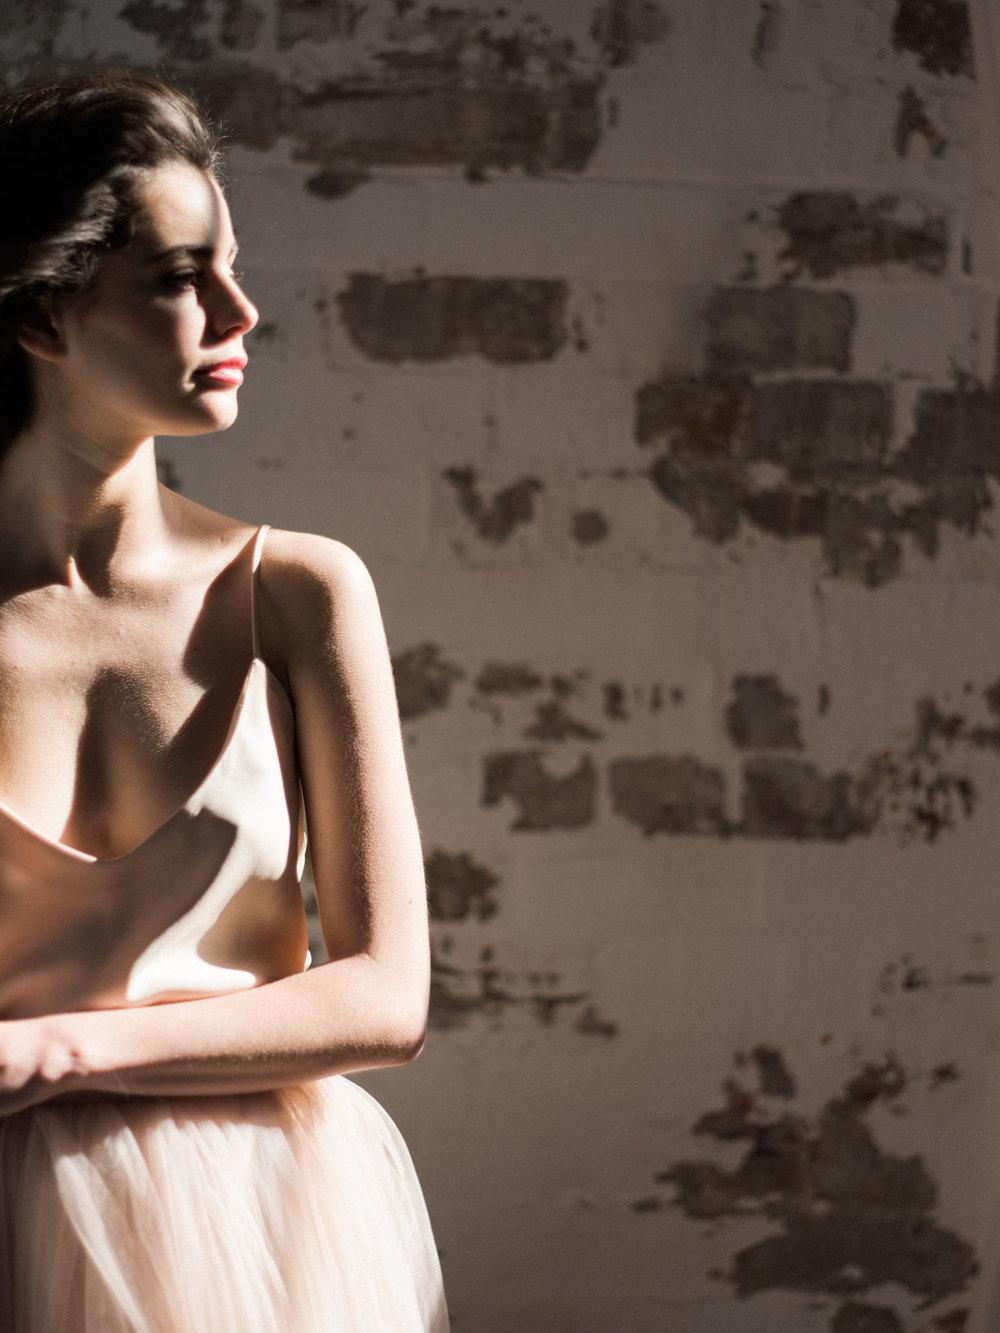 waop-femininitybysandrachau-editorial-0237.jpg